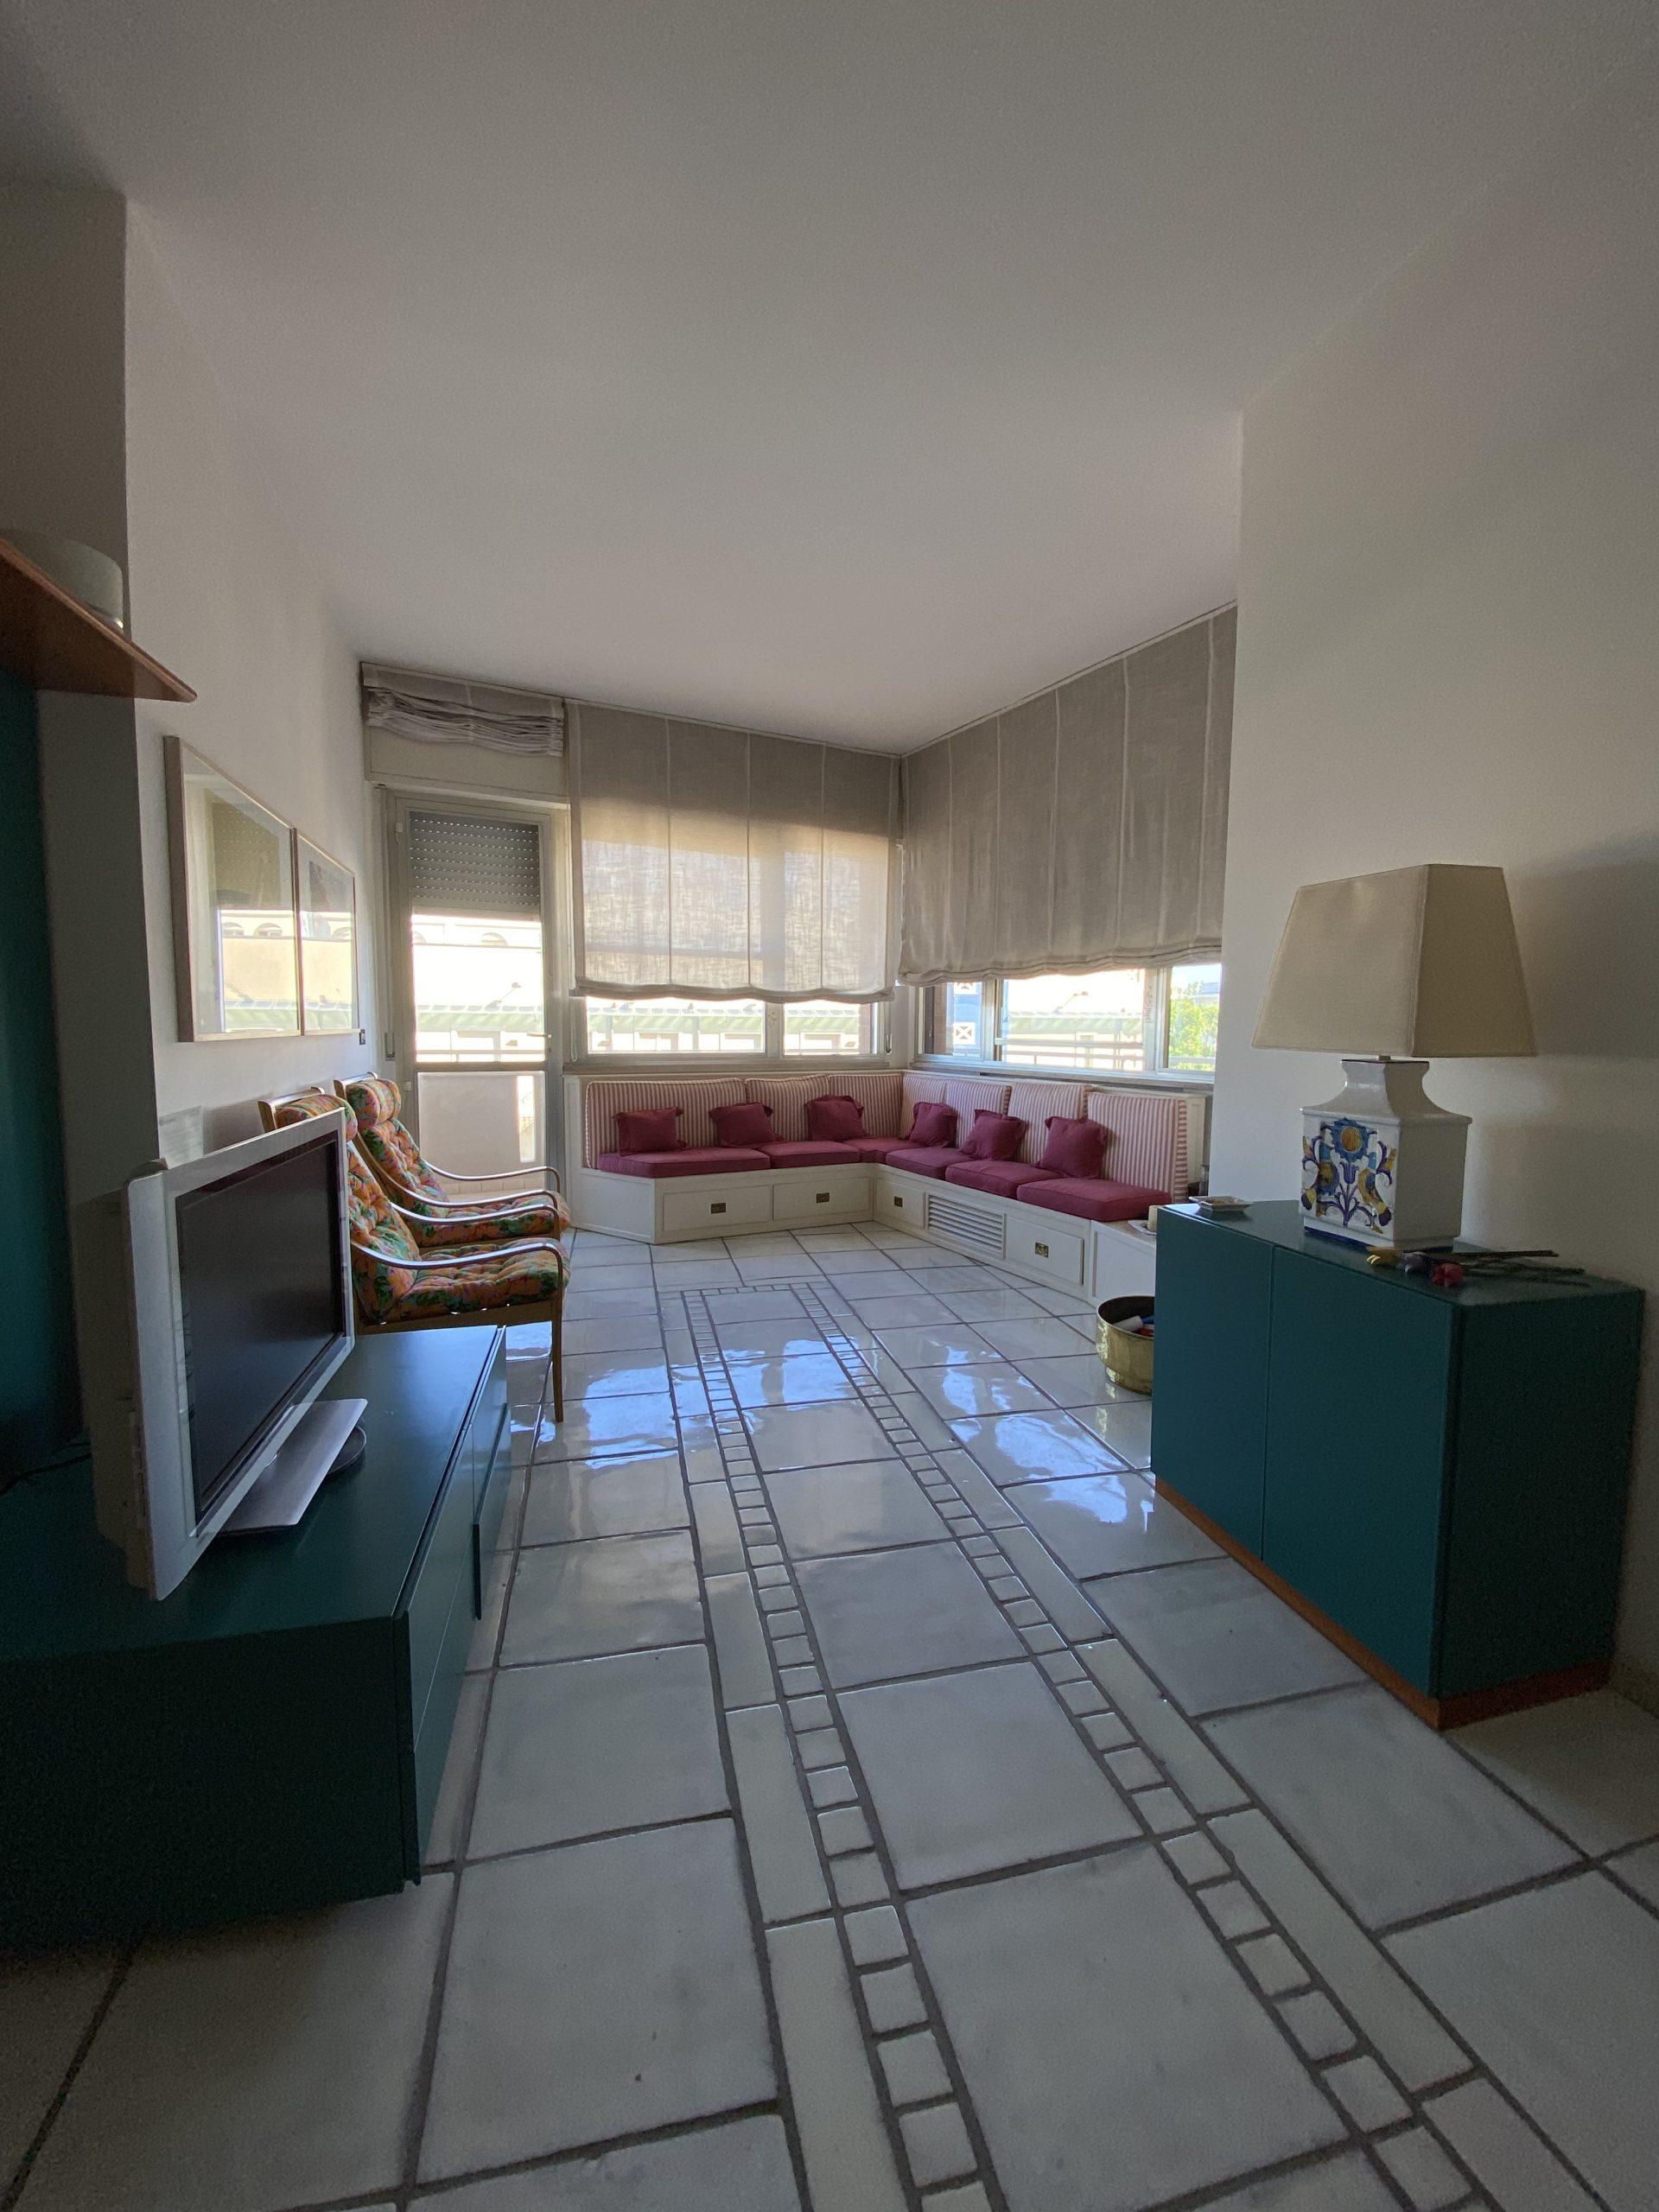 BELLARIVA, spazioso appartamento con terrazzi abitabili.